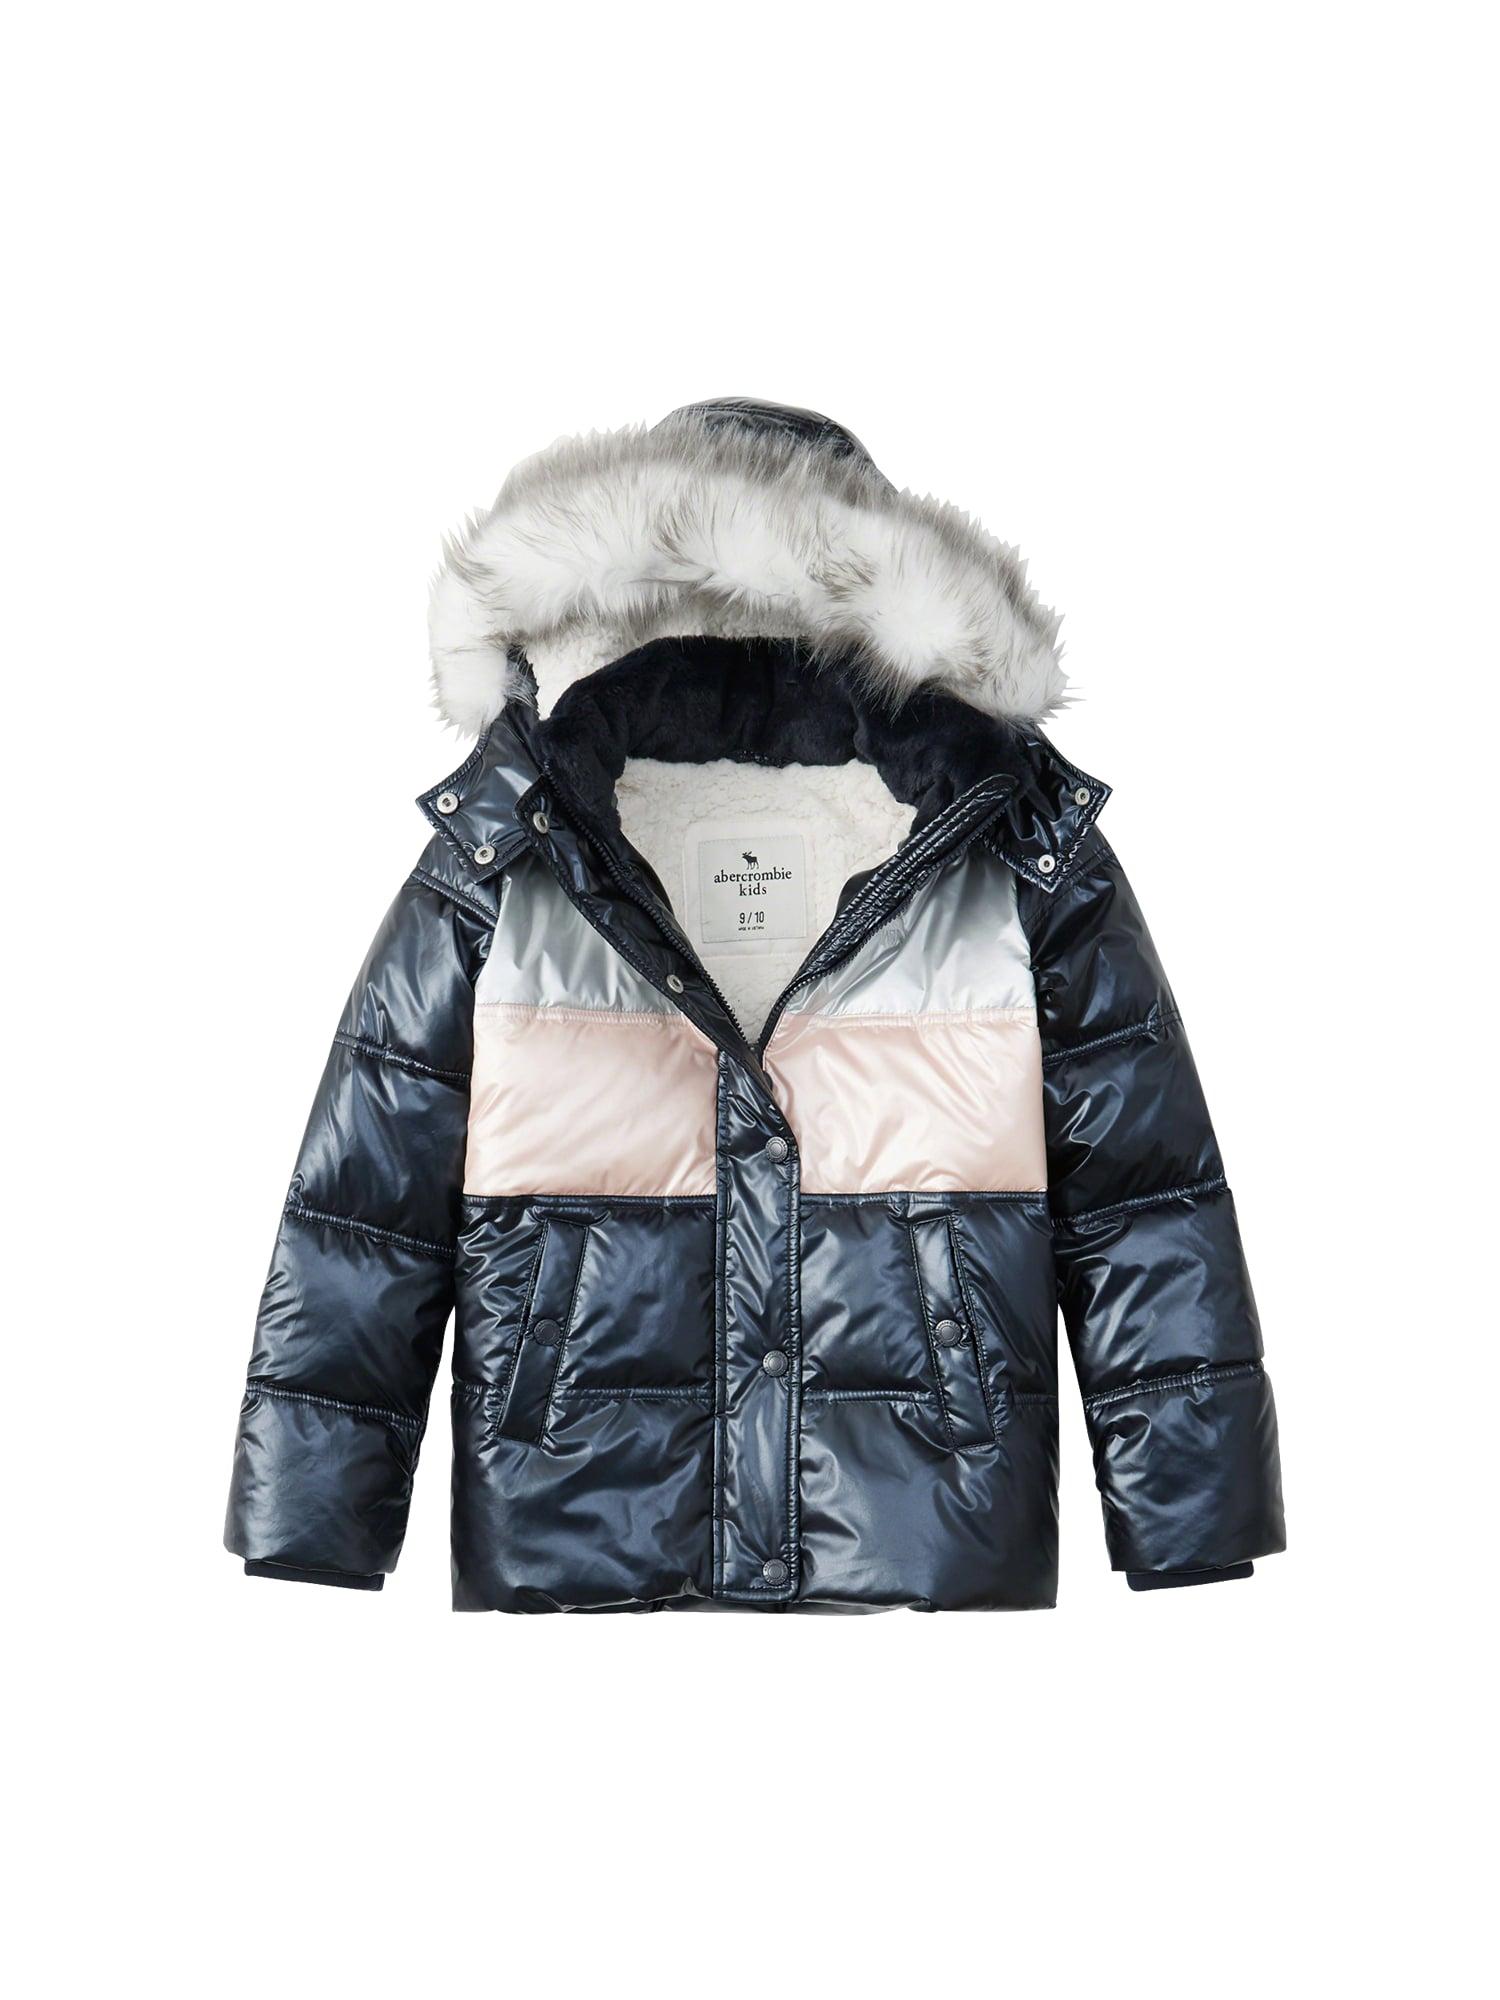 Zimní bunda XM18-S2 - ESSENTIAL PUFFER pink stříbrná Abercrombie & Fitch